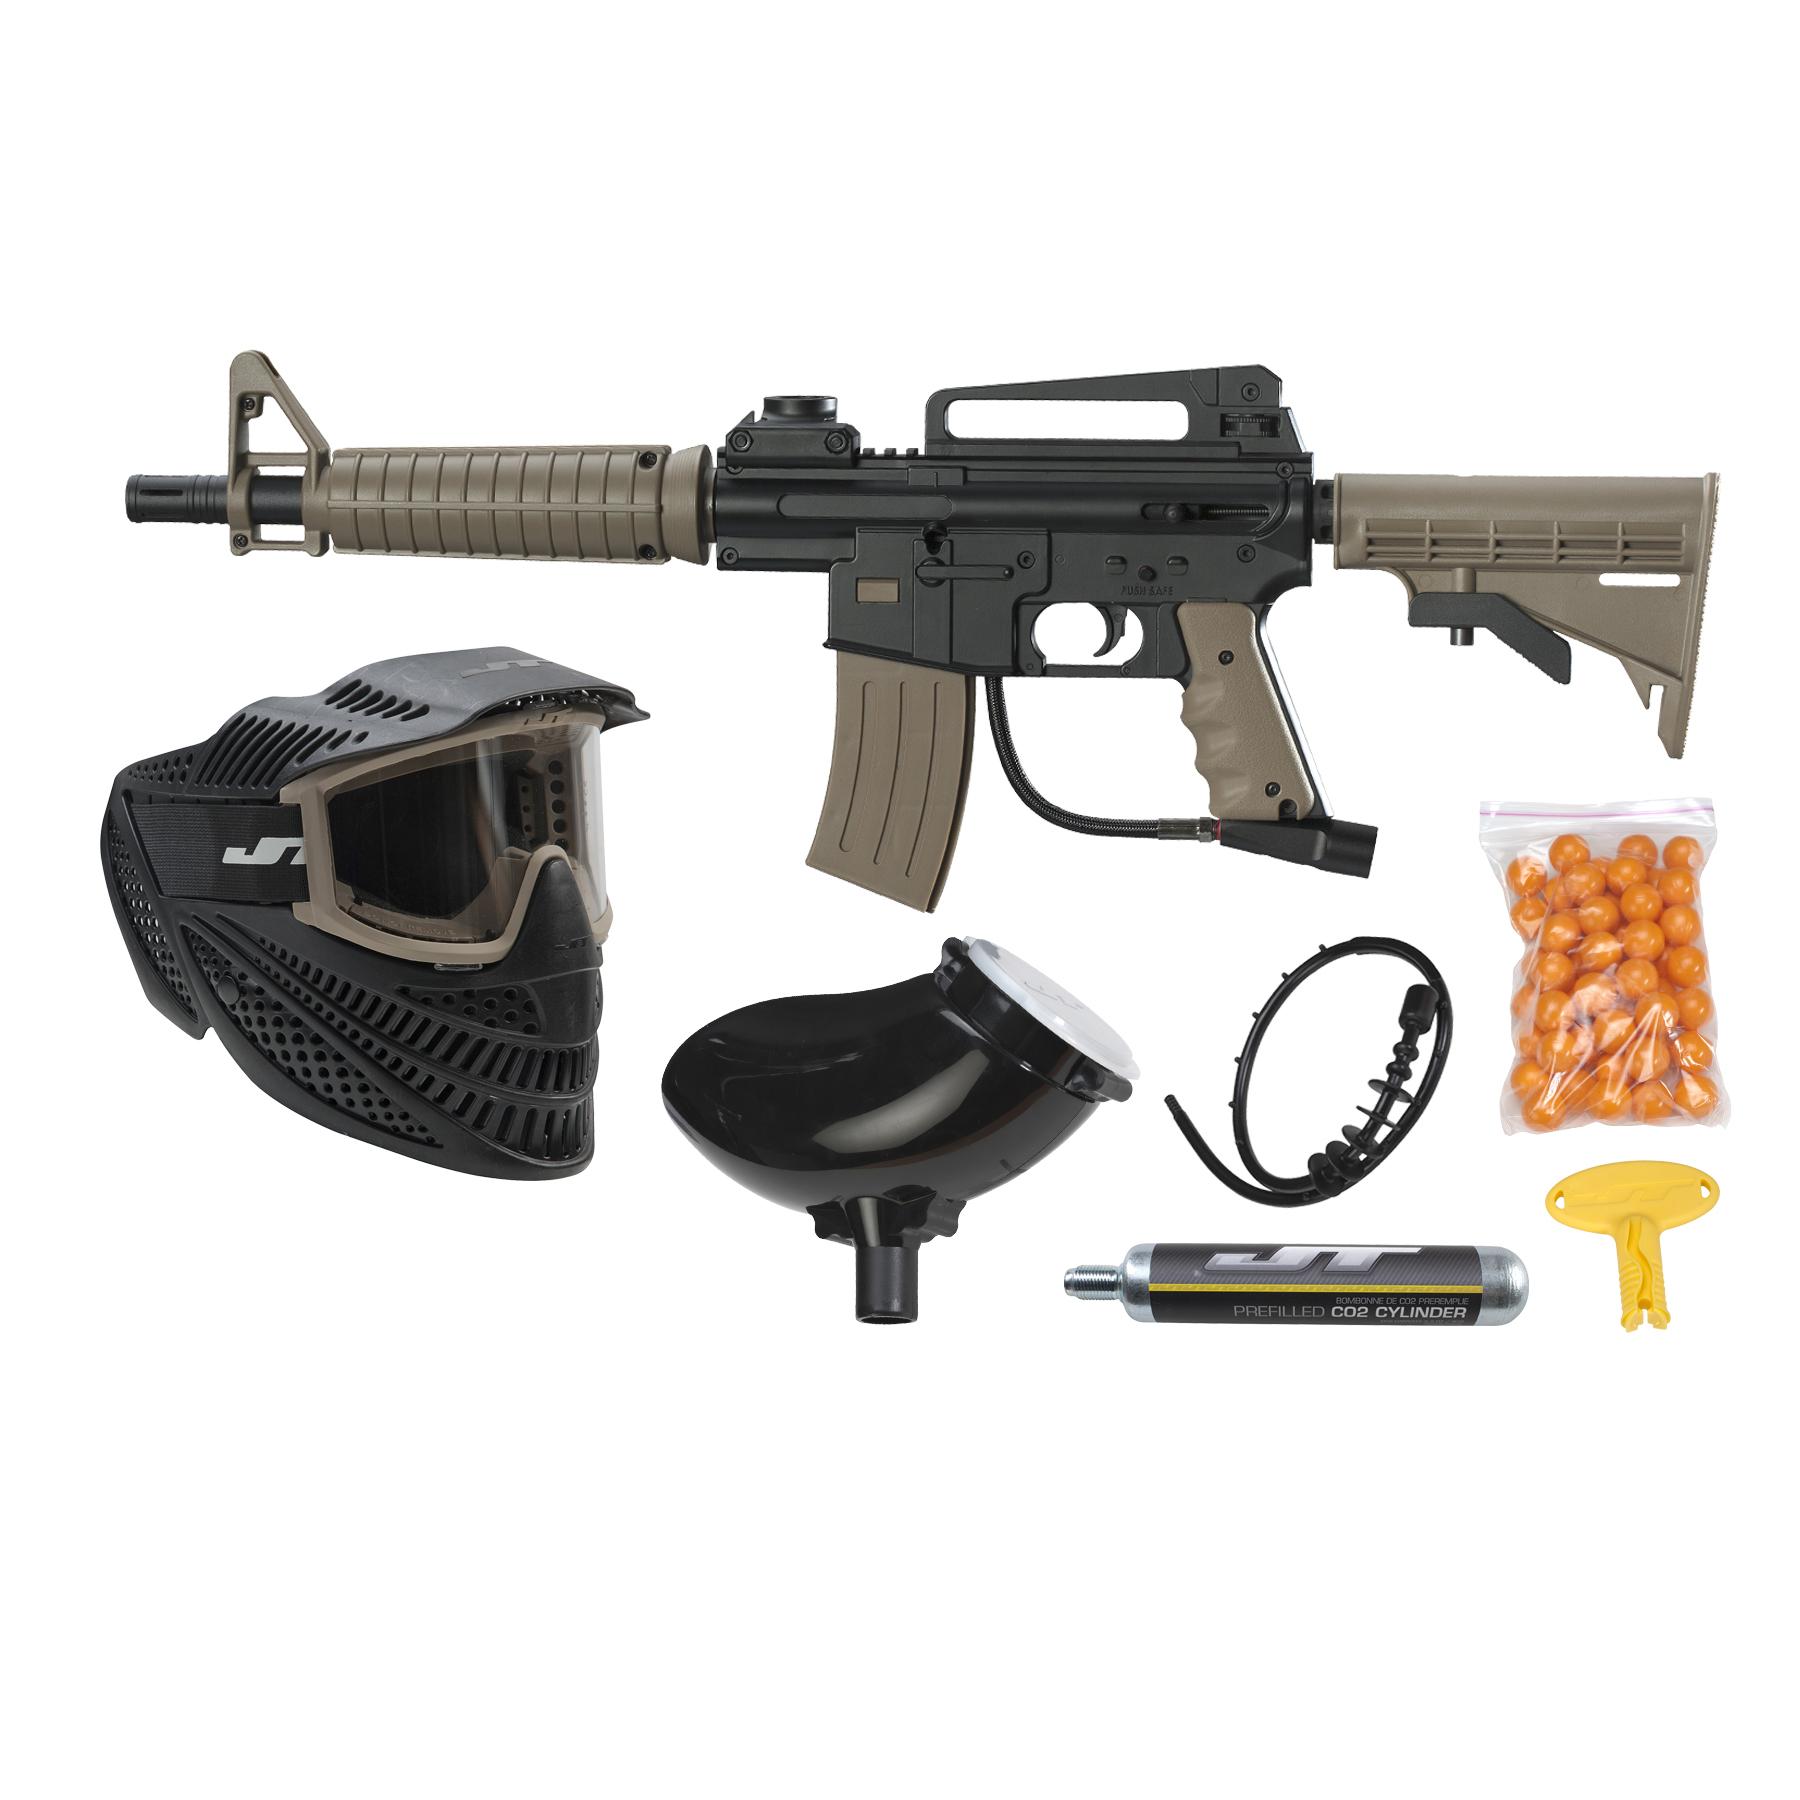 paintball gun - photo #17